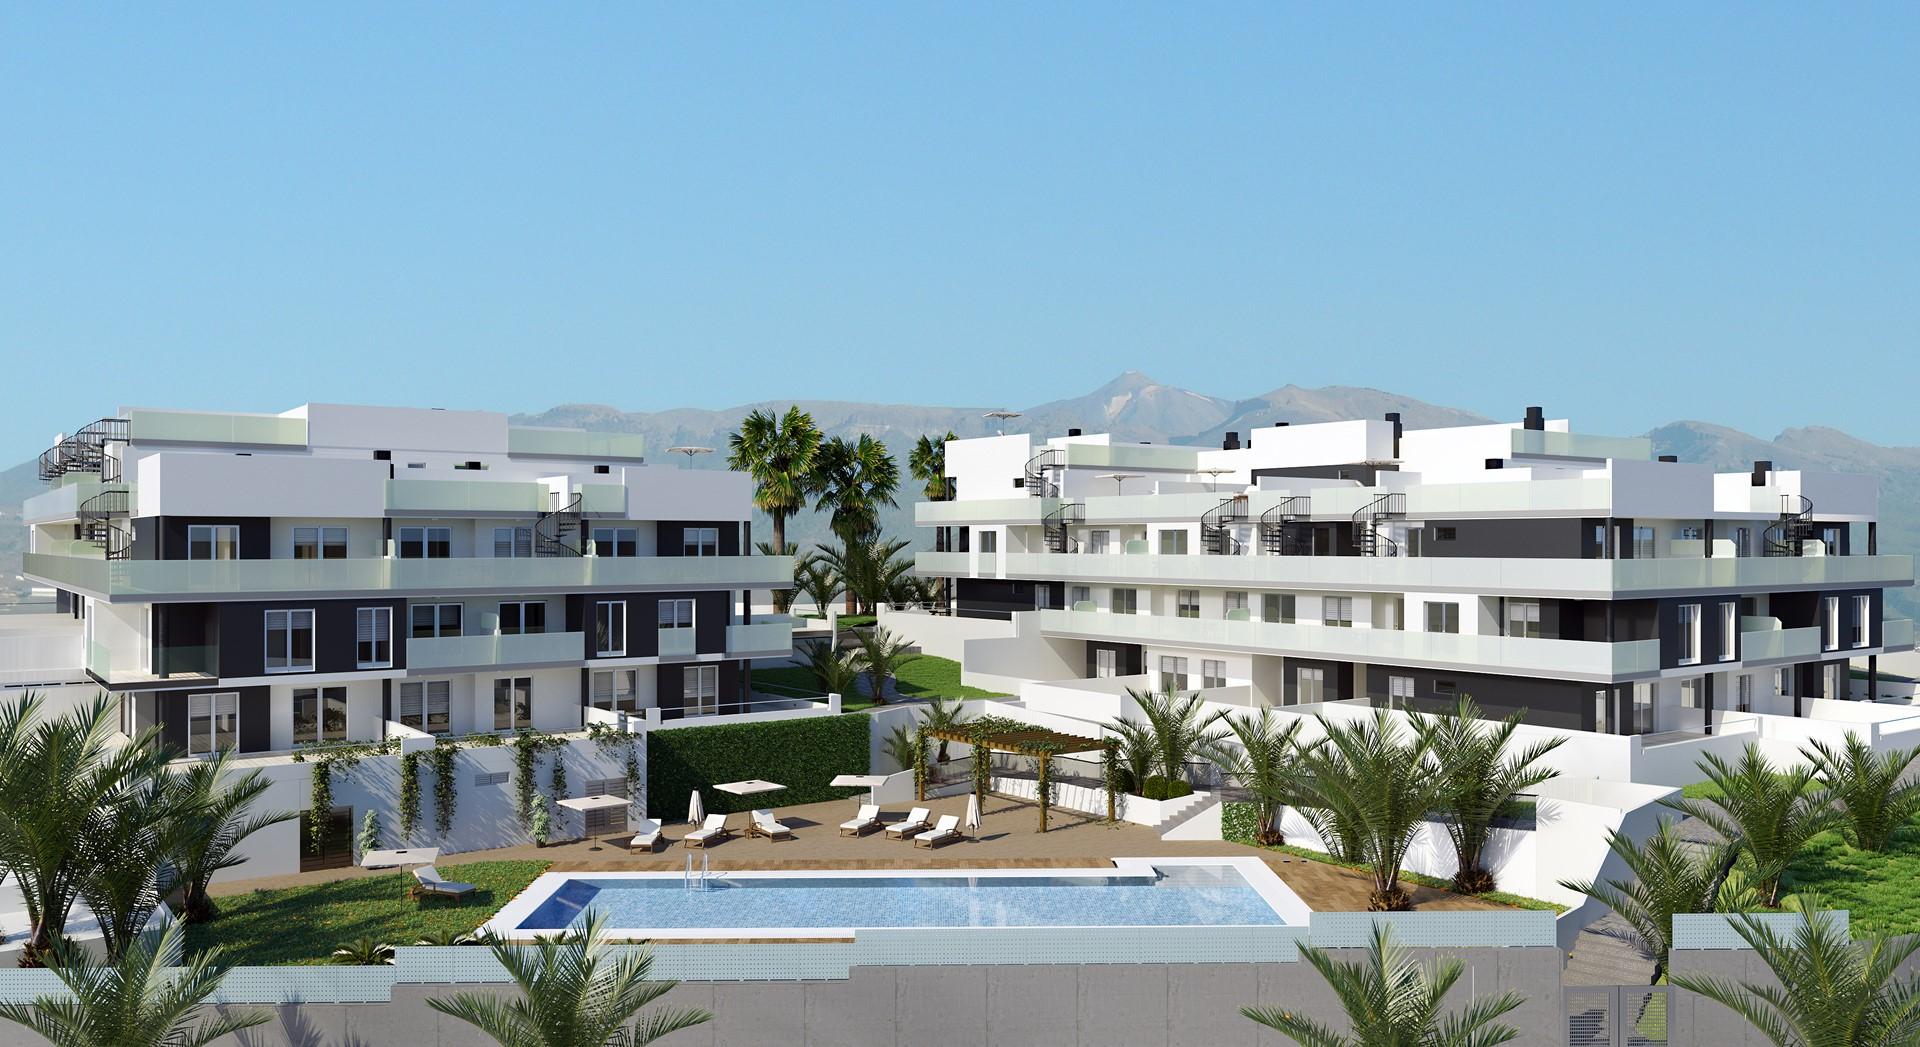 nuevos apartamentos en el sur de tenerife la tejita On apartamentos en el sur de tenerife ofertas